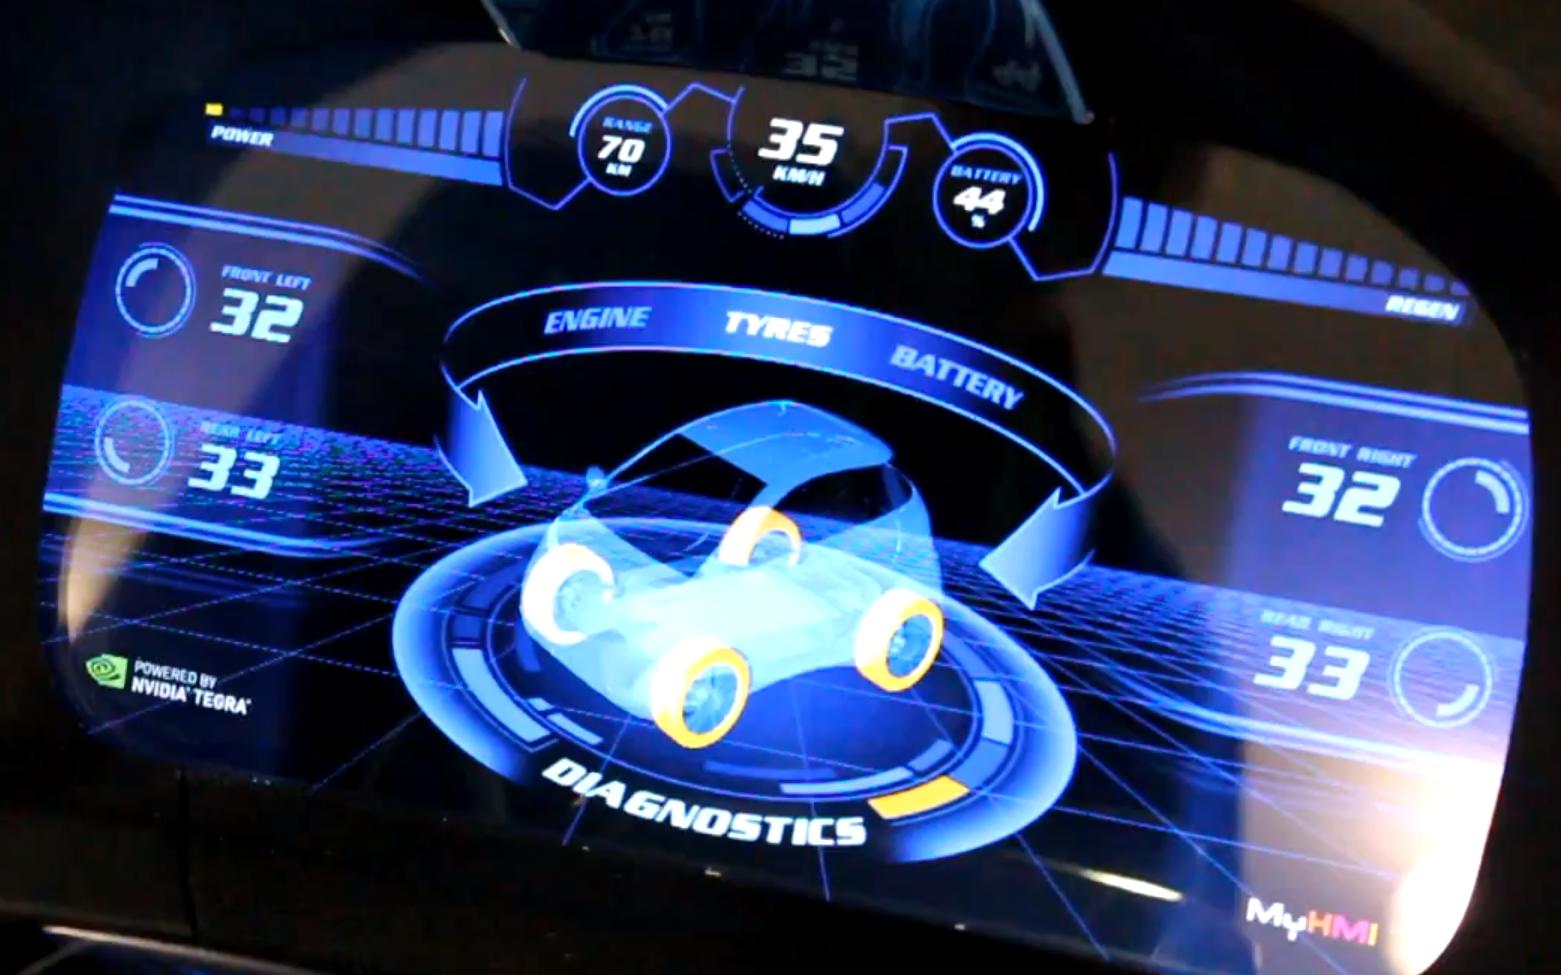 Nvidias Tegra Team Shows Off Car Dashboards Of The Future